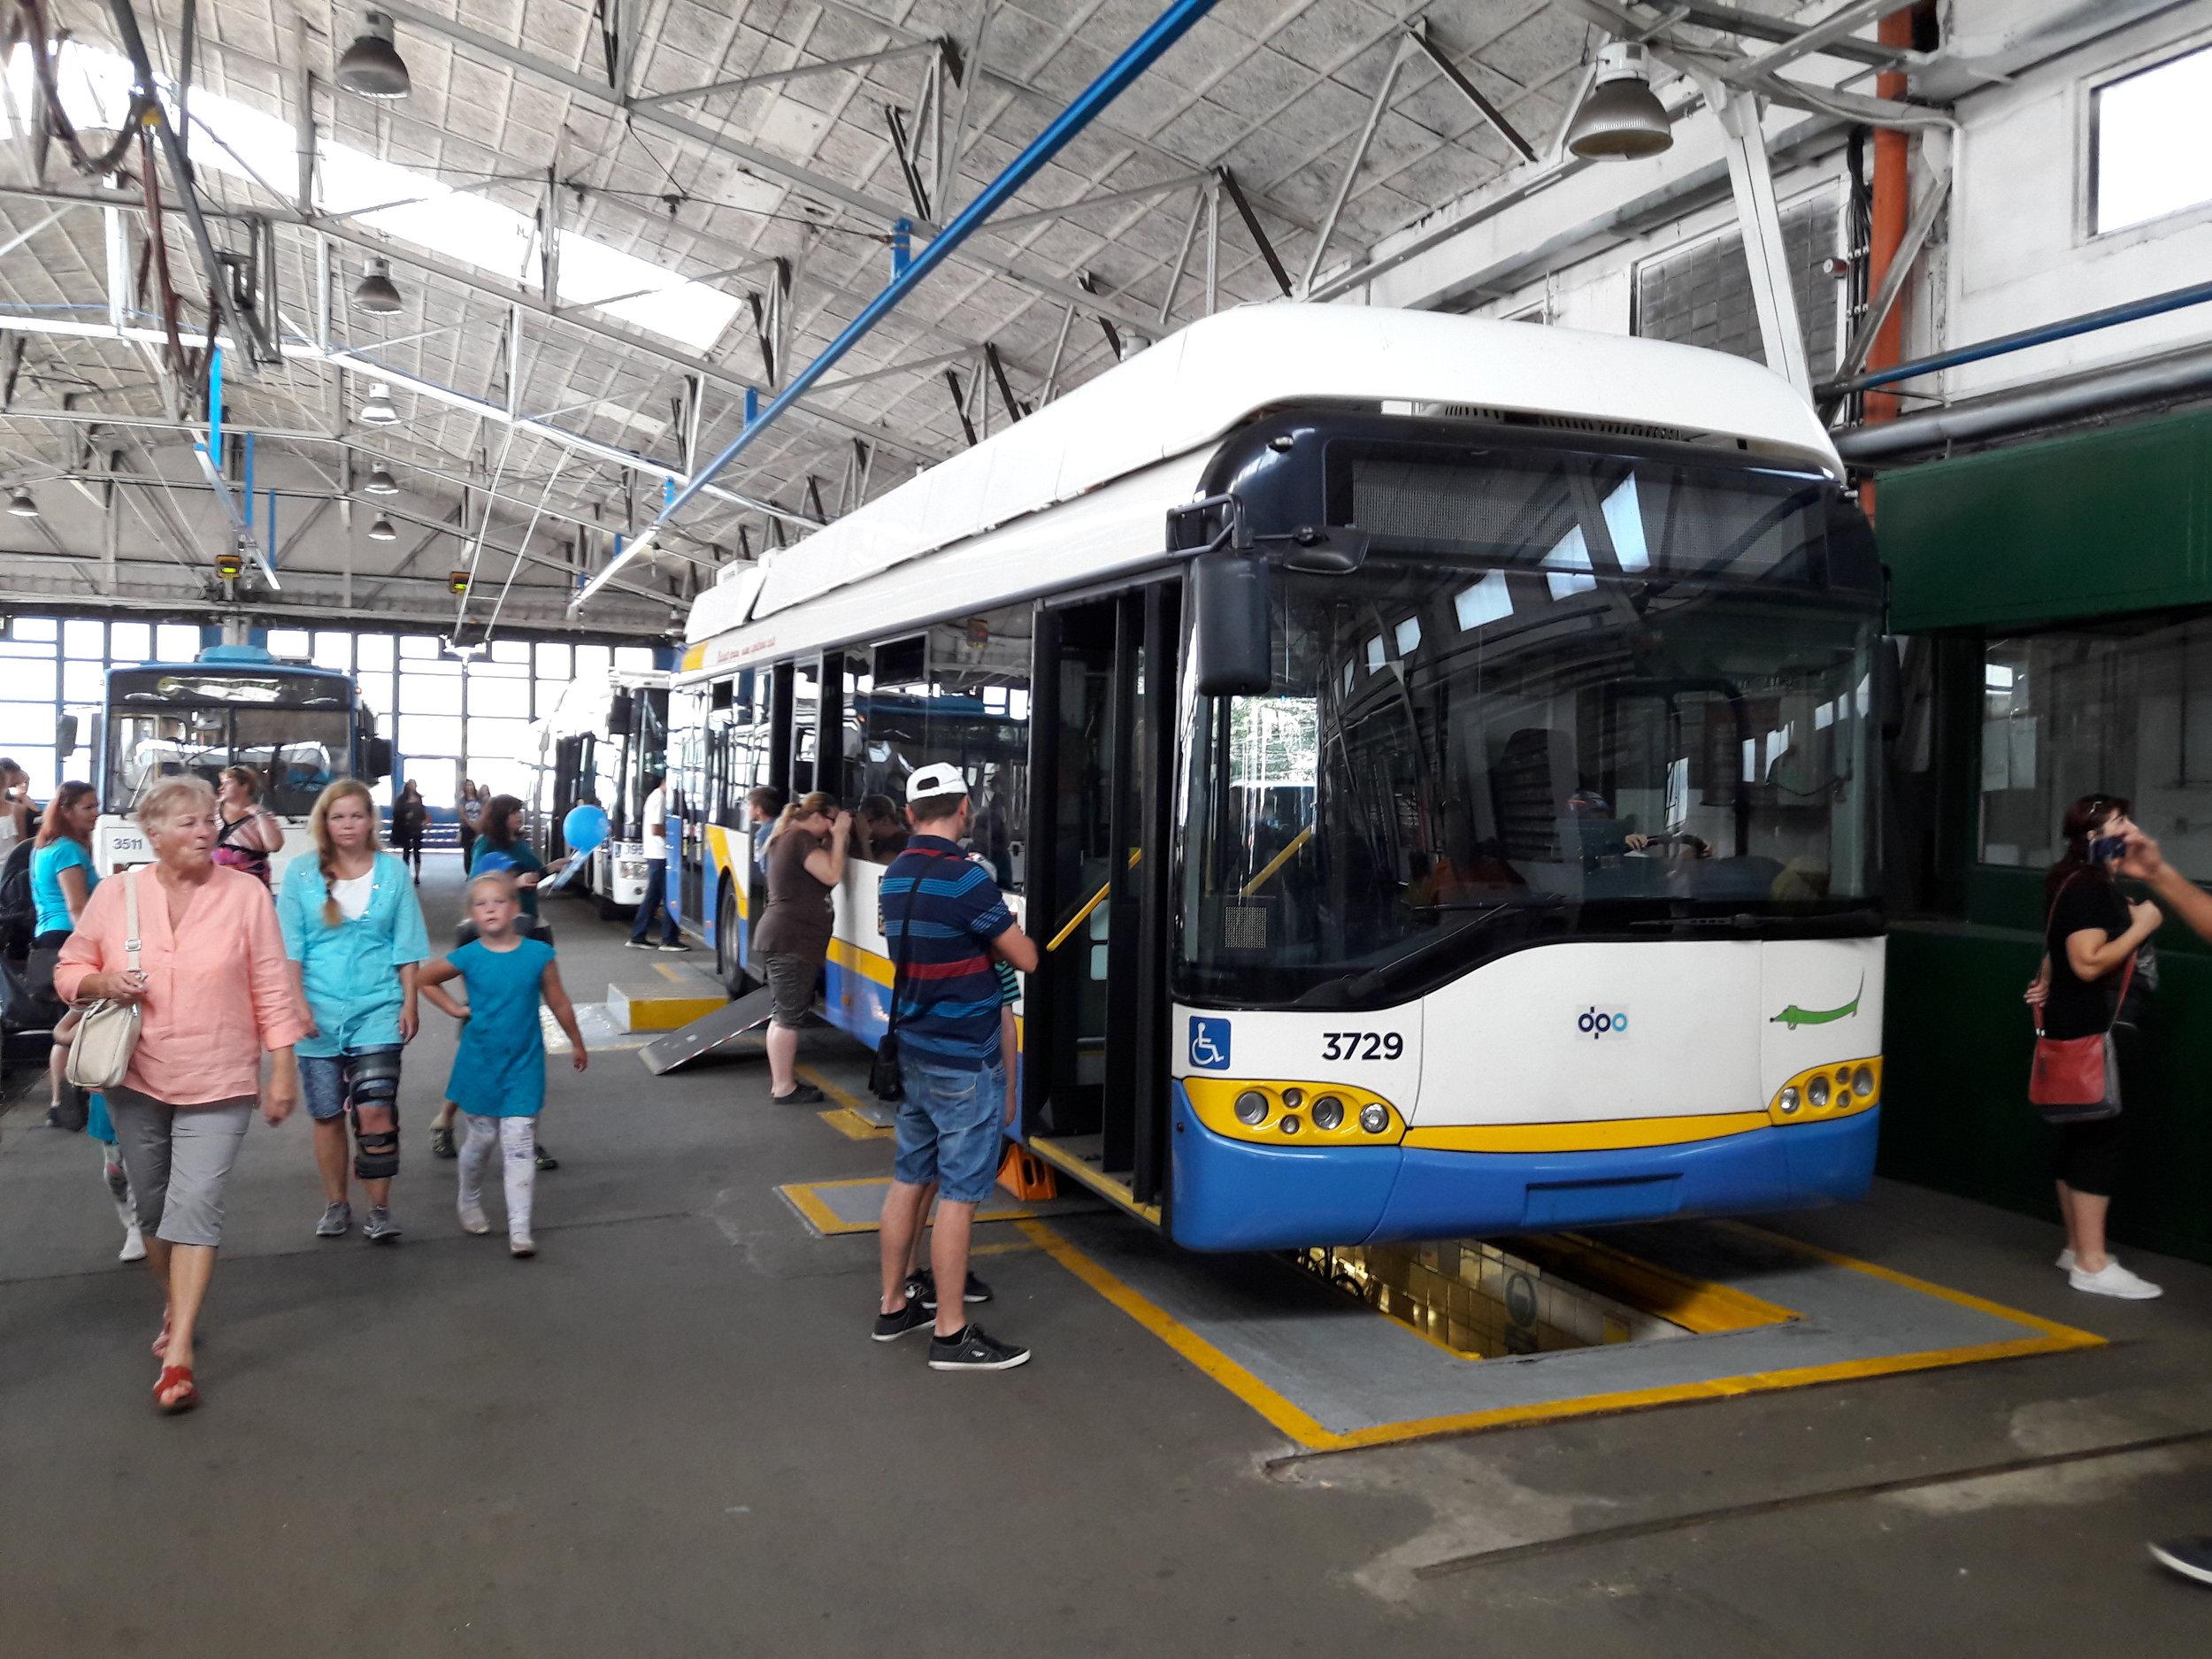 Návštěvníci oslav si mohli prohlédnout všechny typy trolejbusů, od starších až po ty nové. (foto: Vít Hinčica)